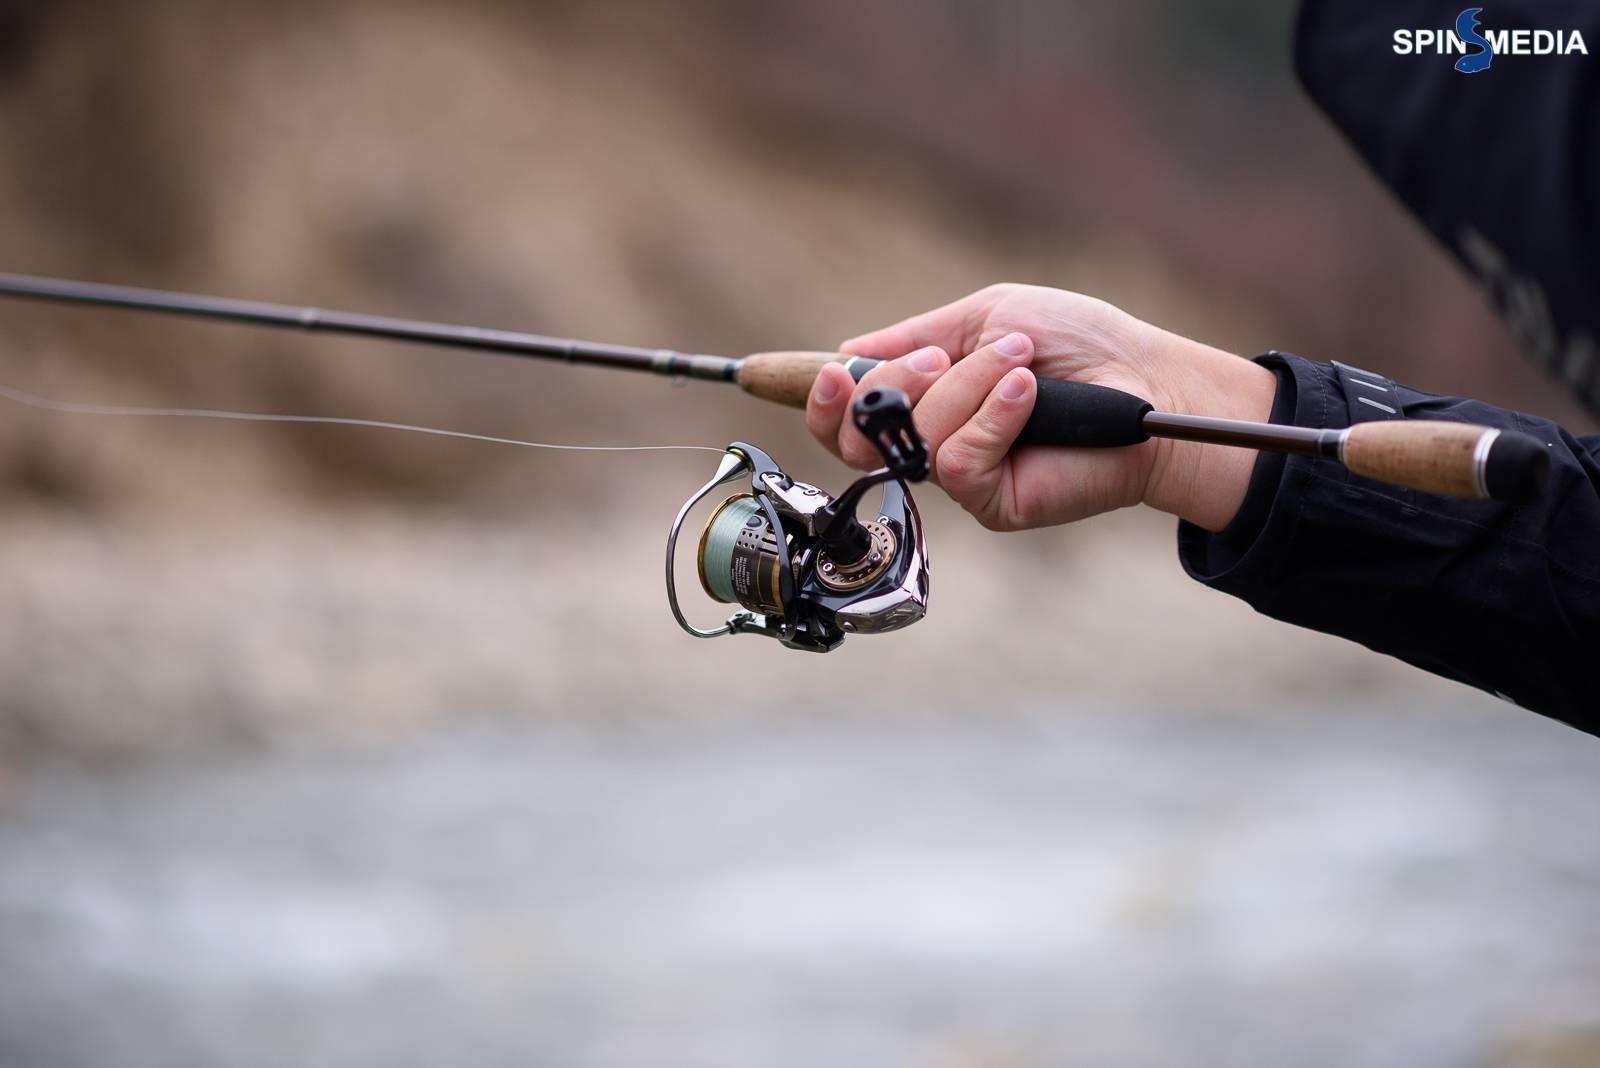 Что такое спиннинговая ловля: рекомендации для начинающих, приманки и катушки, какой выбрать тест и строй